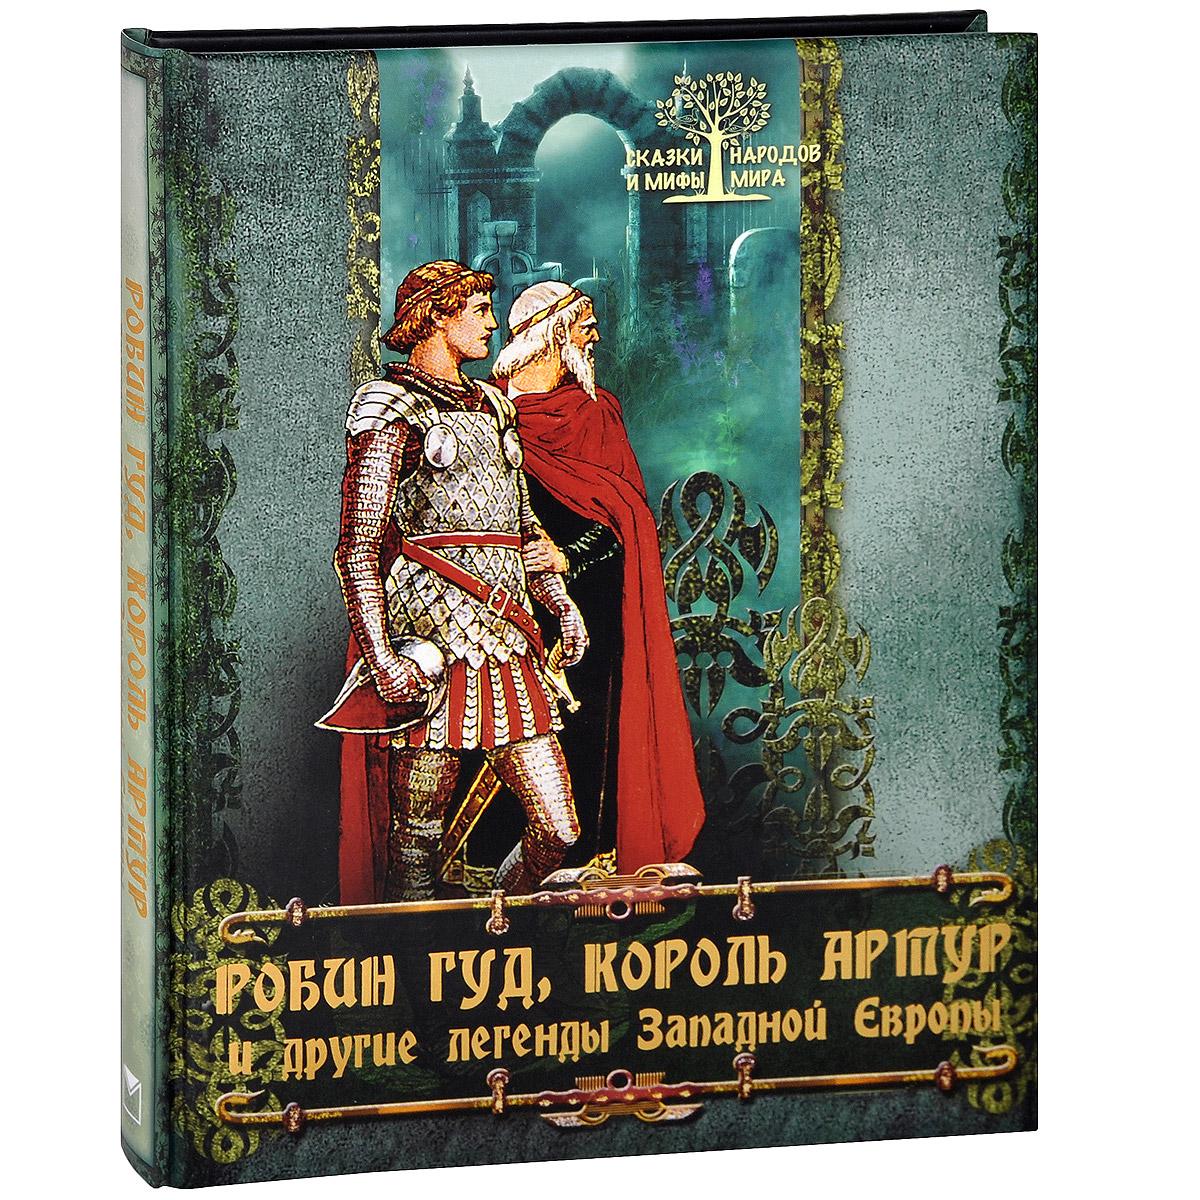 где купить Ирина Бурова Робин Гуд, король Артур и другие легенды Западной Европы ISBN: 978-5-373-06070-7 по лучшей цене